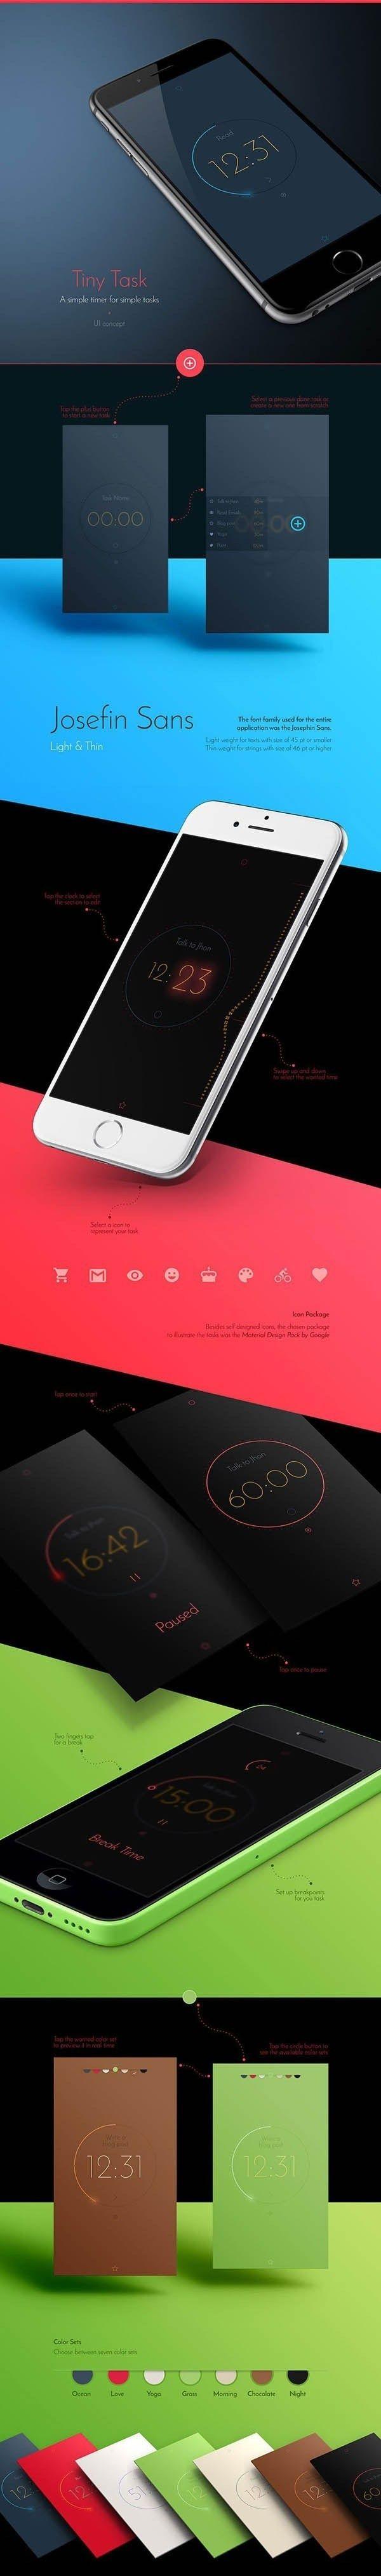 Tiny Task | App Ui Concept by Kaio Medau